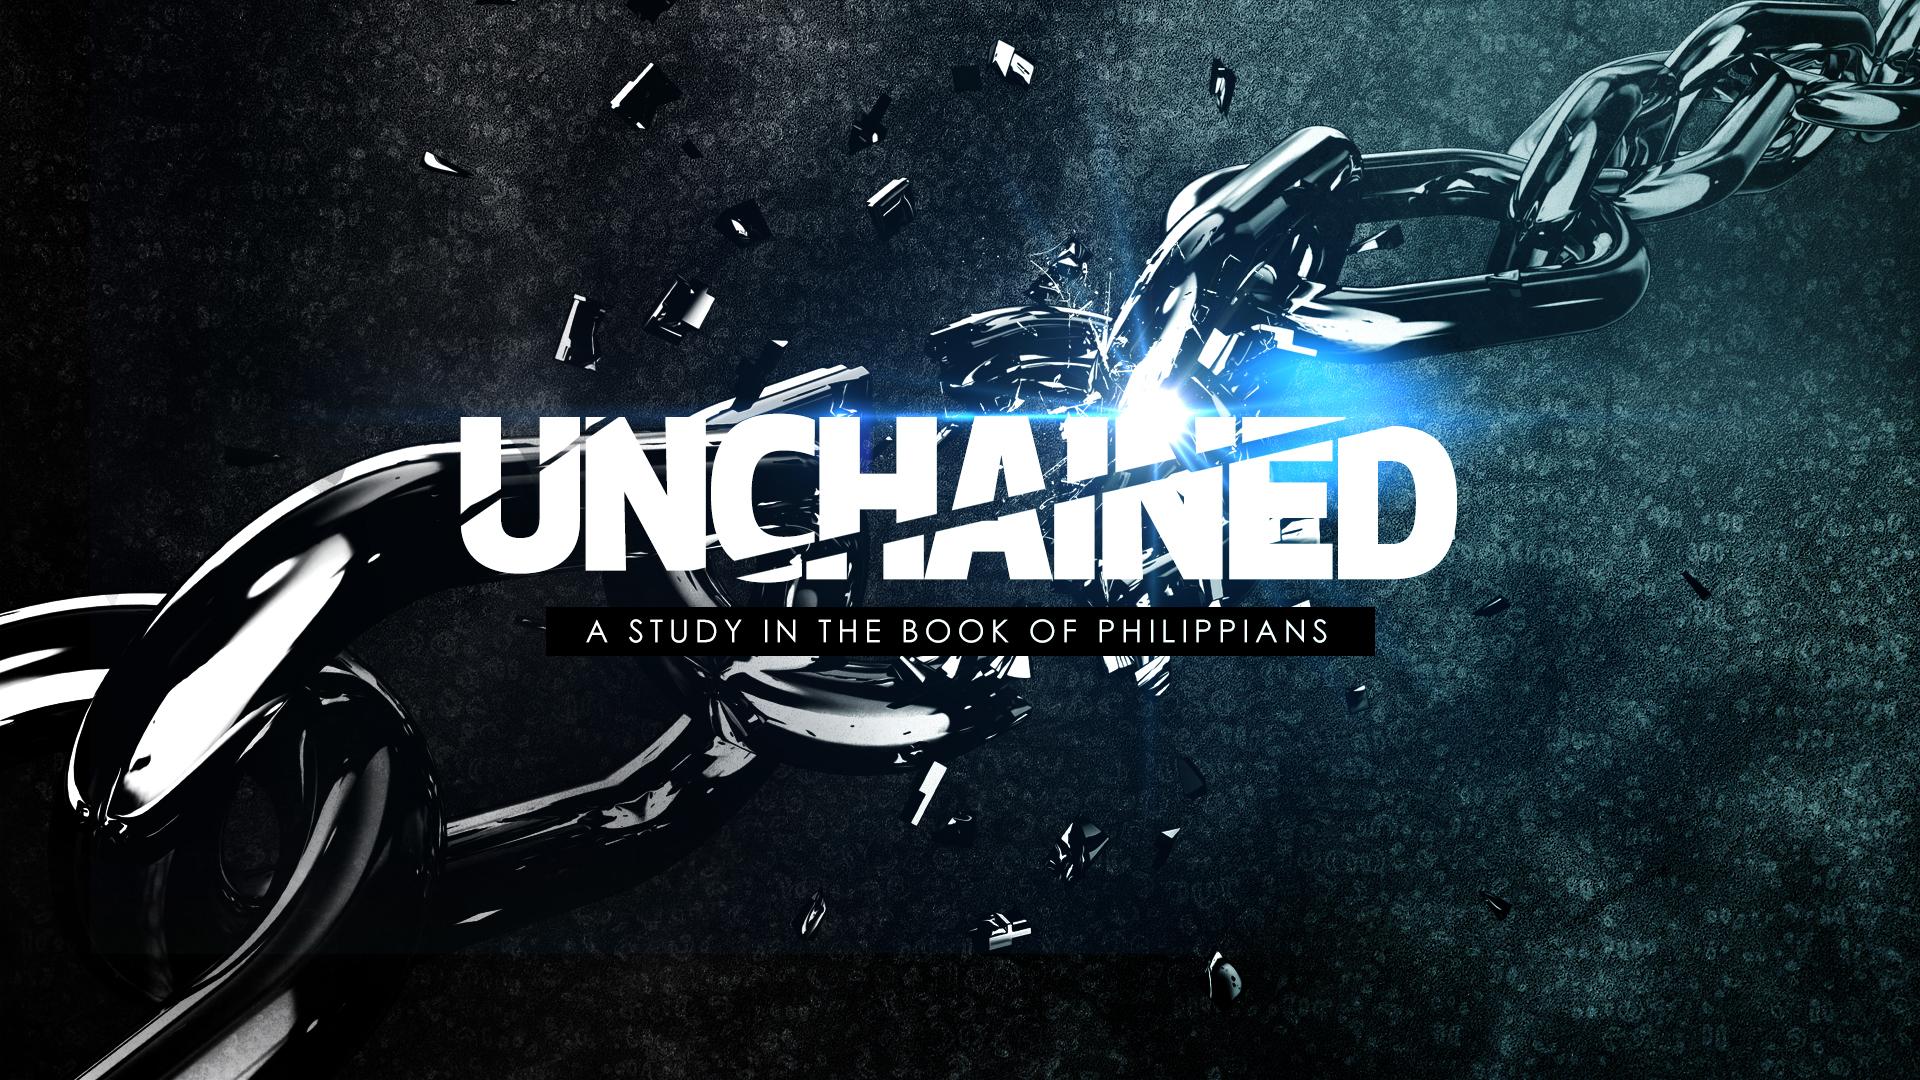 Unchained Main Slide.jpg